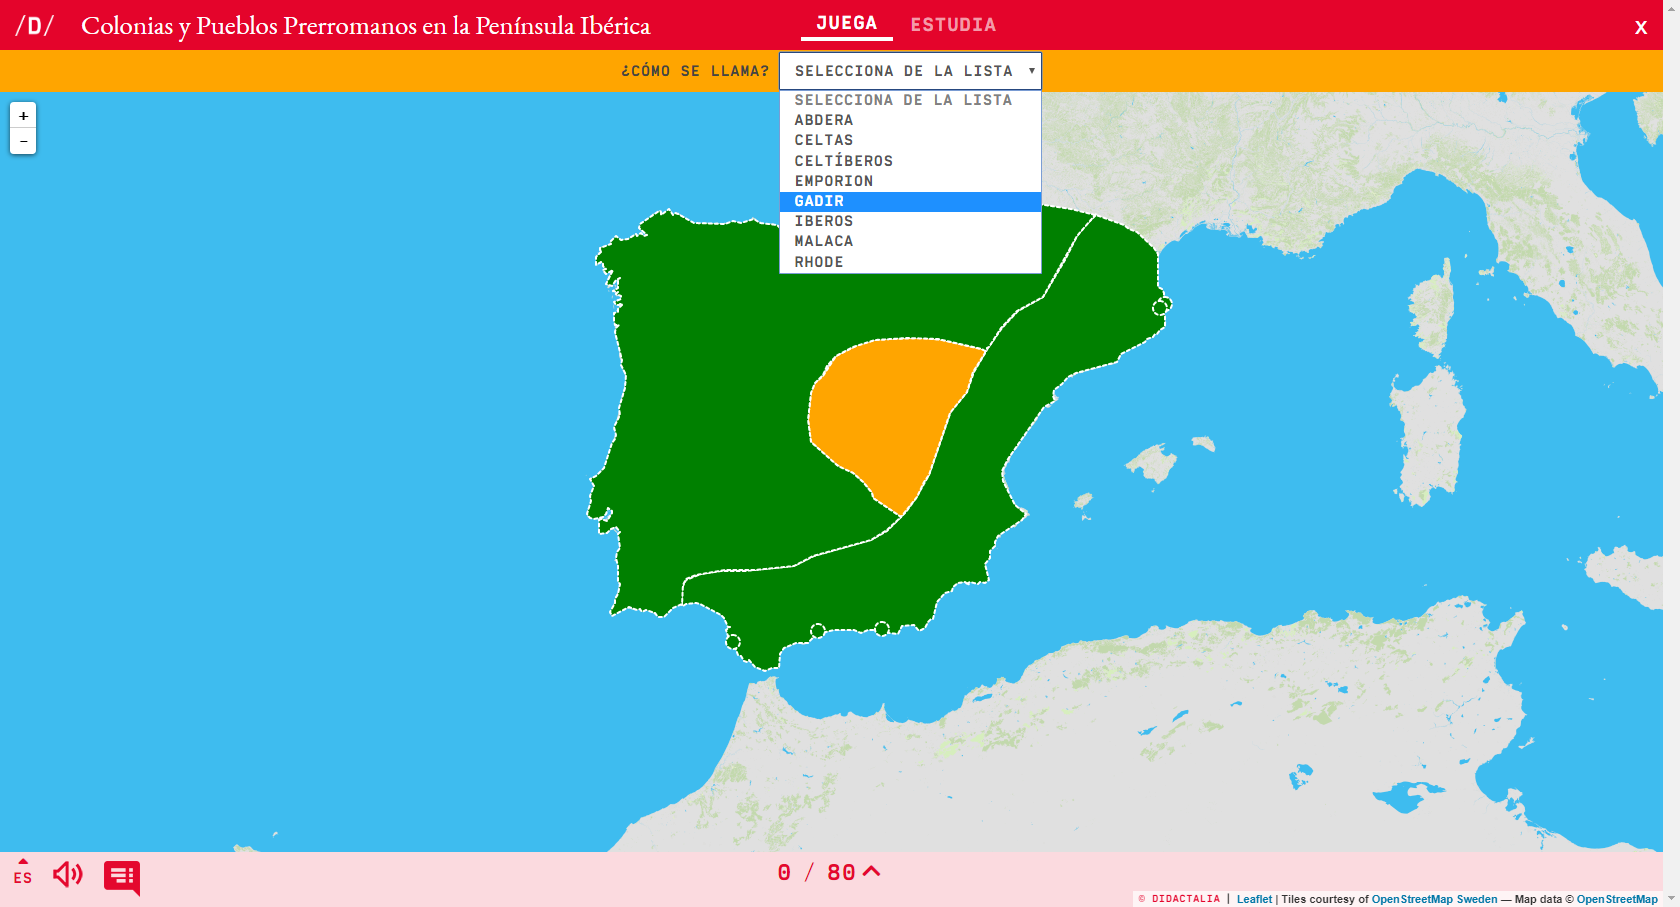 Iberiar penintsulako hiriburuak eta erromatarrenak